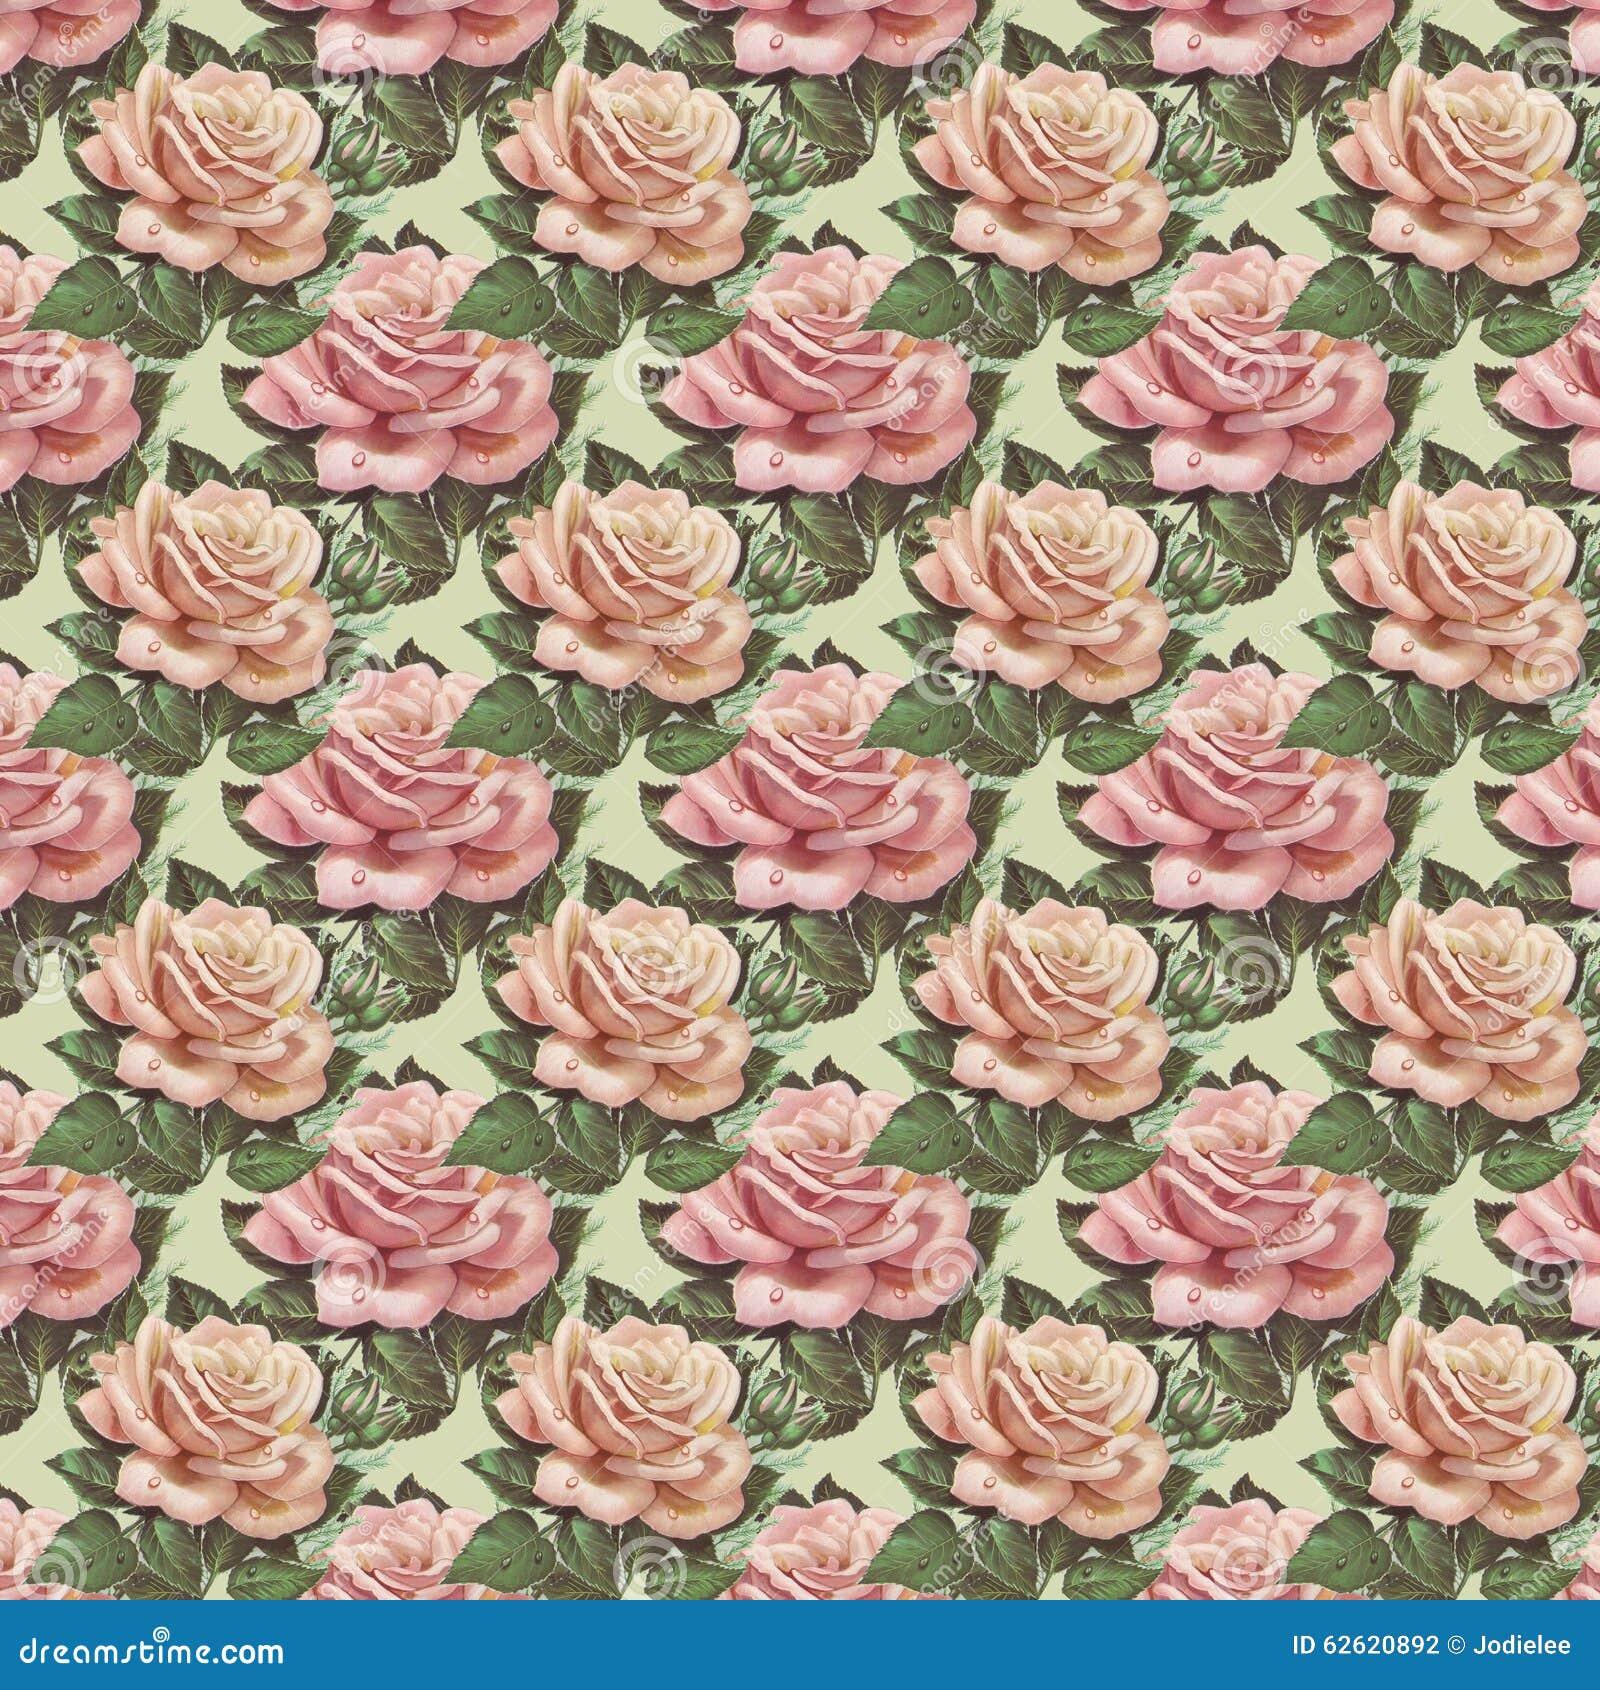 Repetition Rose De Fond De Papier Peint De Fleur De Vintage Rose